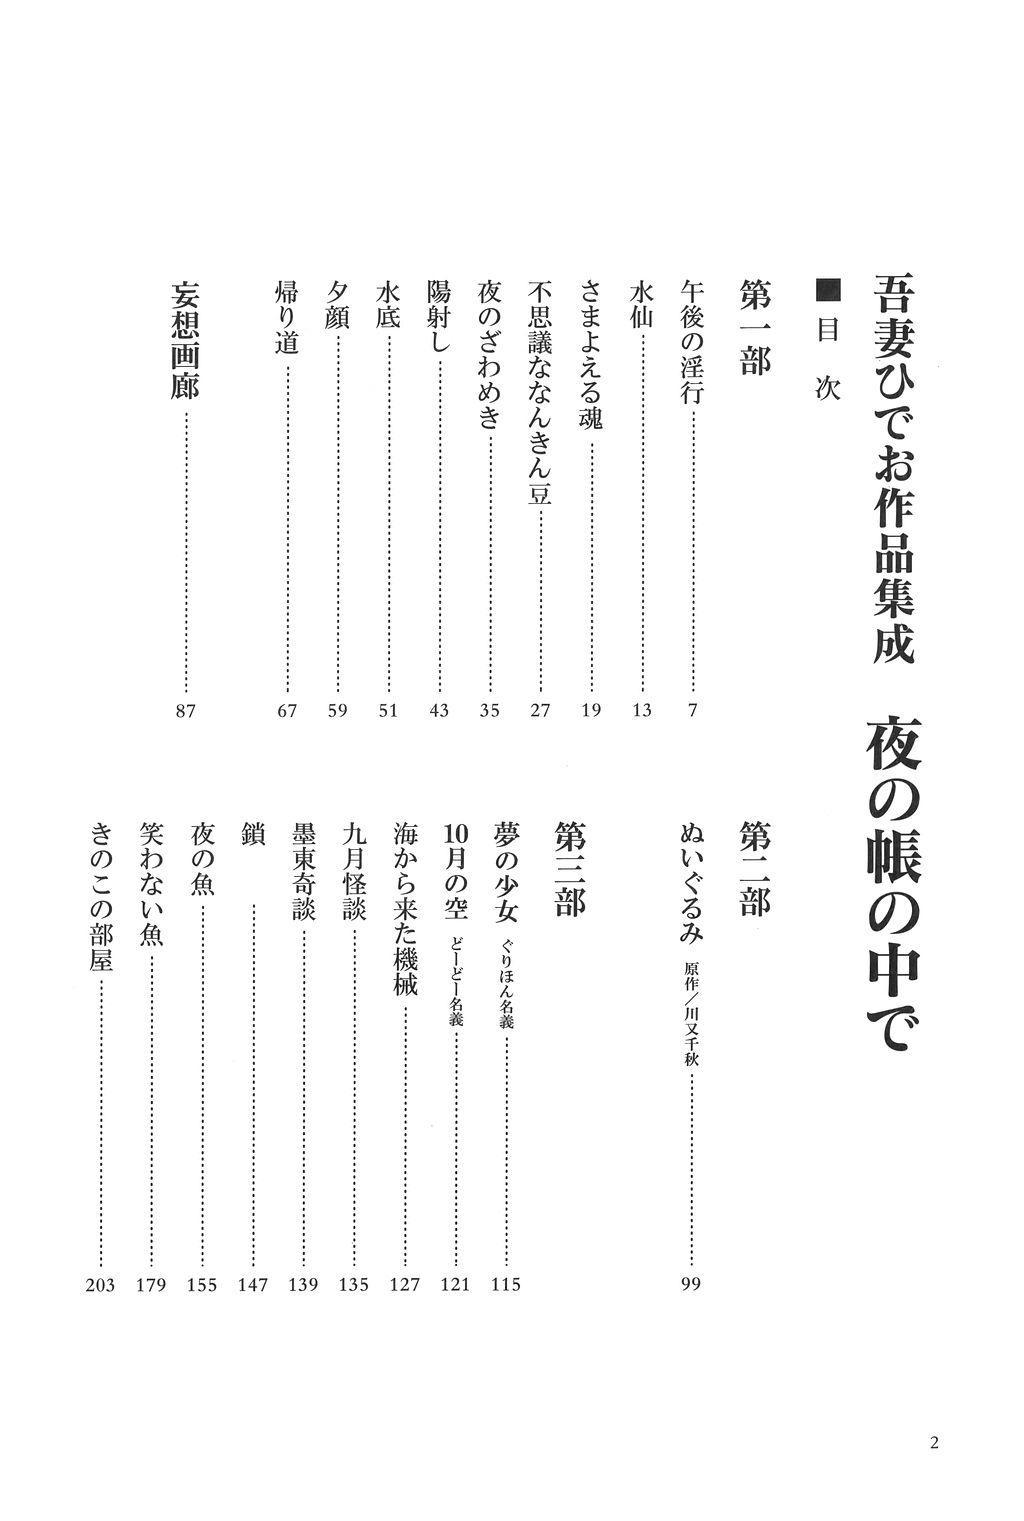 Azuma Hideo Sakuhin Shuusei - Yoru no Tobari no Naka de 6